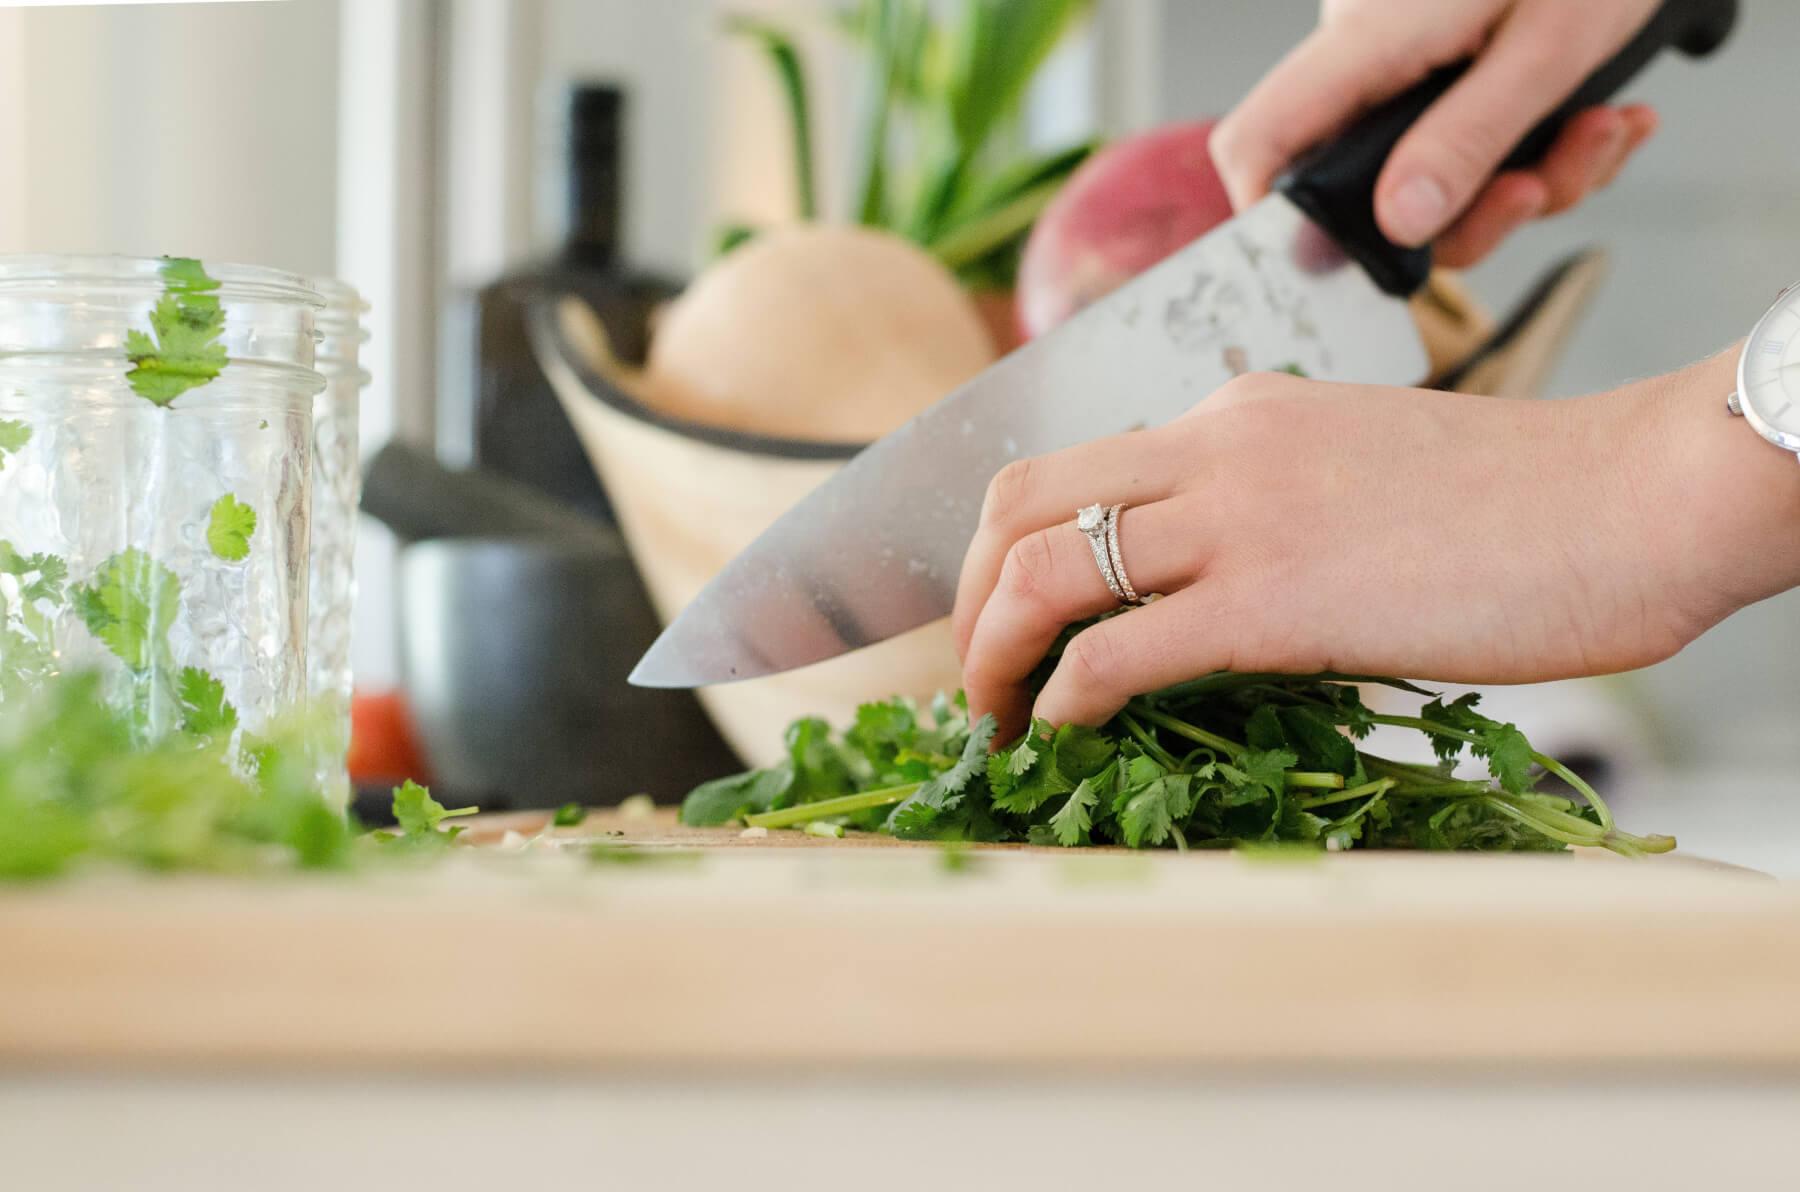 Trucs de base pour une cuisine zéro déchet